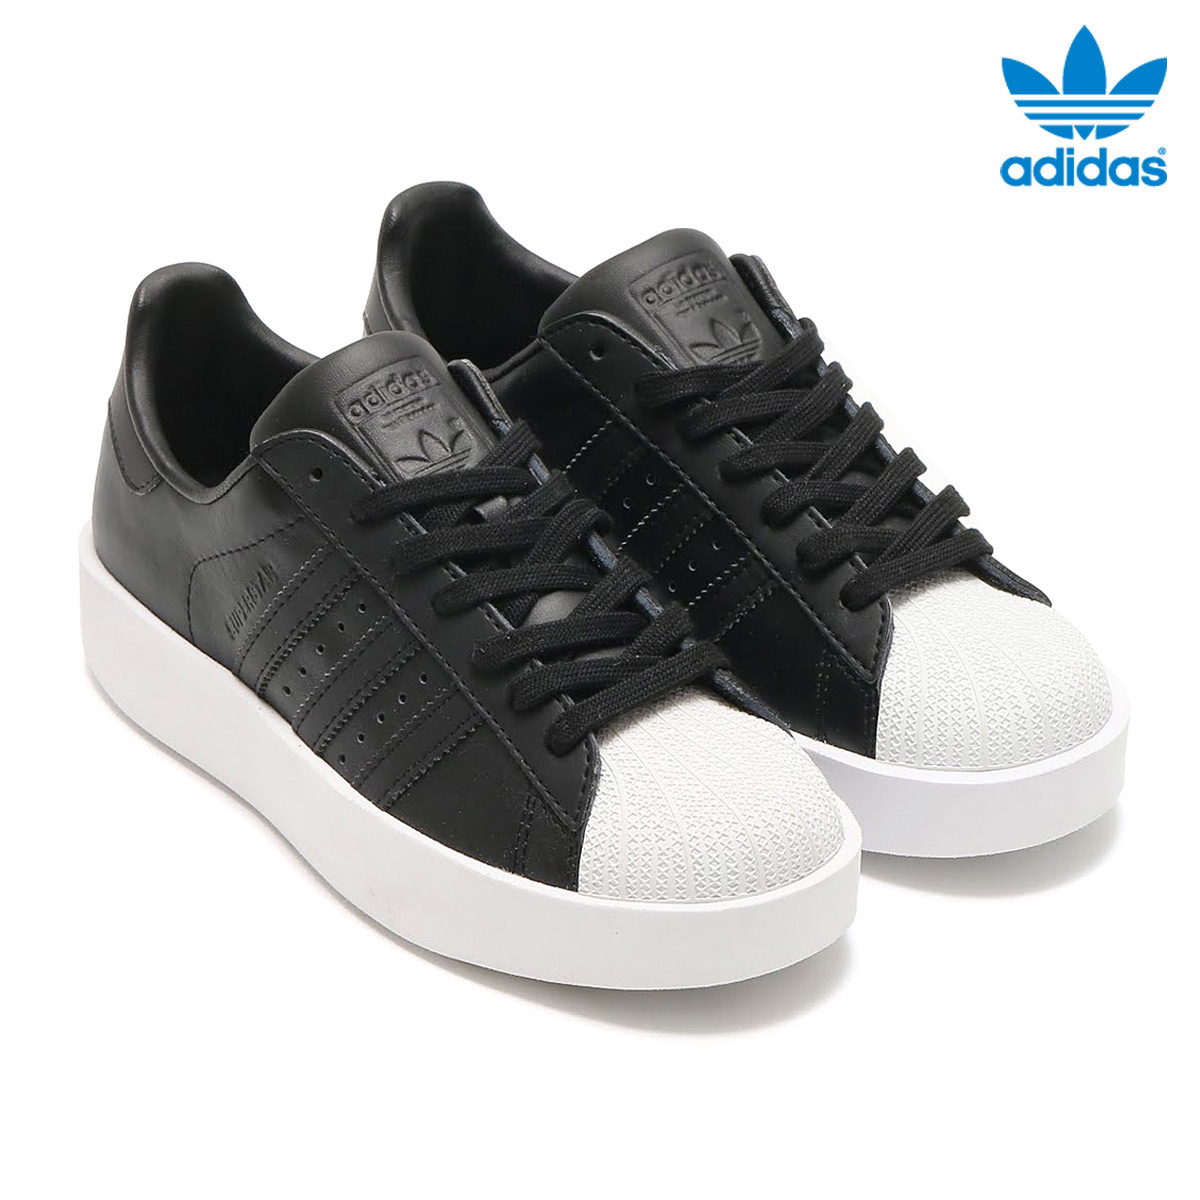 adidas Orginals SUPERSTAR BD W (Adidas originals superstar BD W) (Core  Black Core Black Running White) 17SS-I b5b9c528e